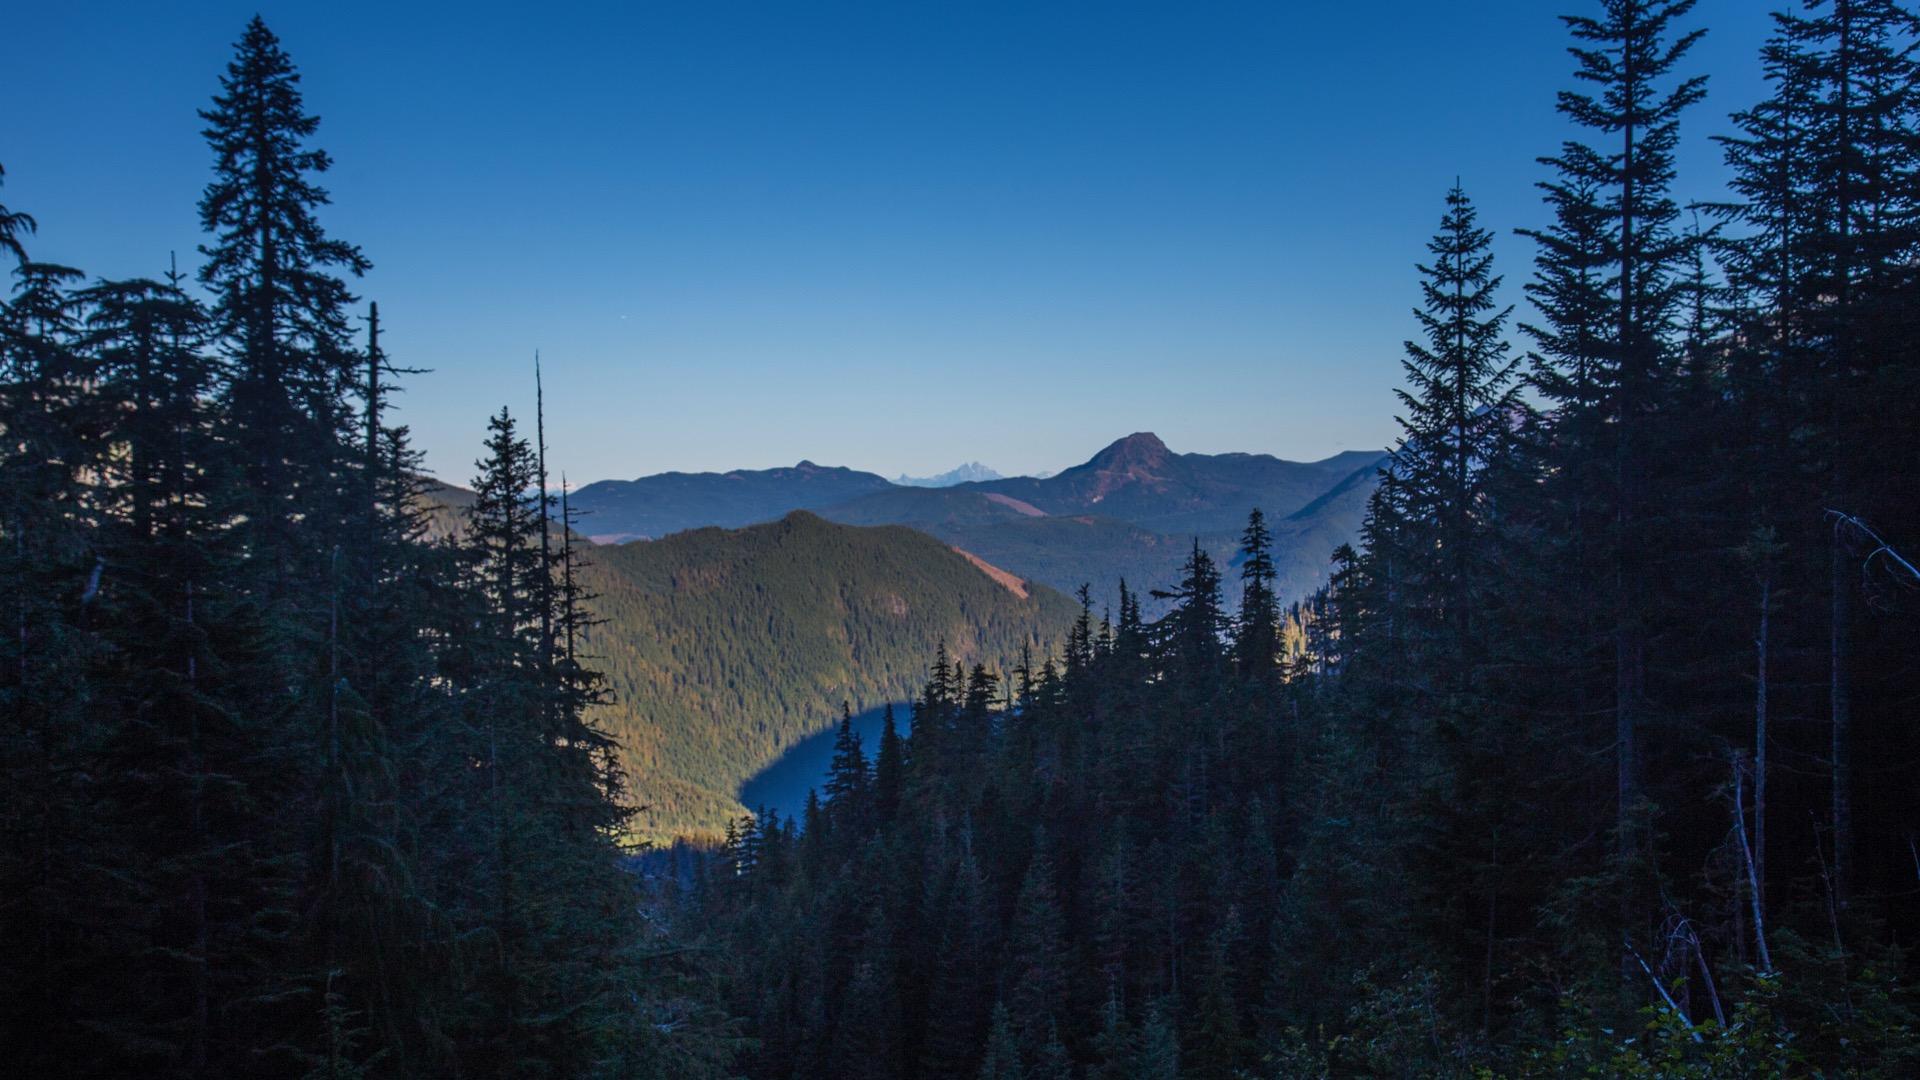 Mount Baker 10 2018 - 3.jpg